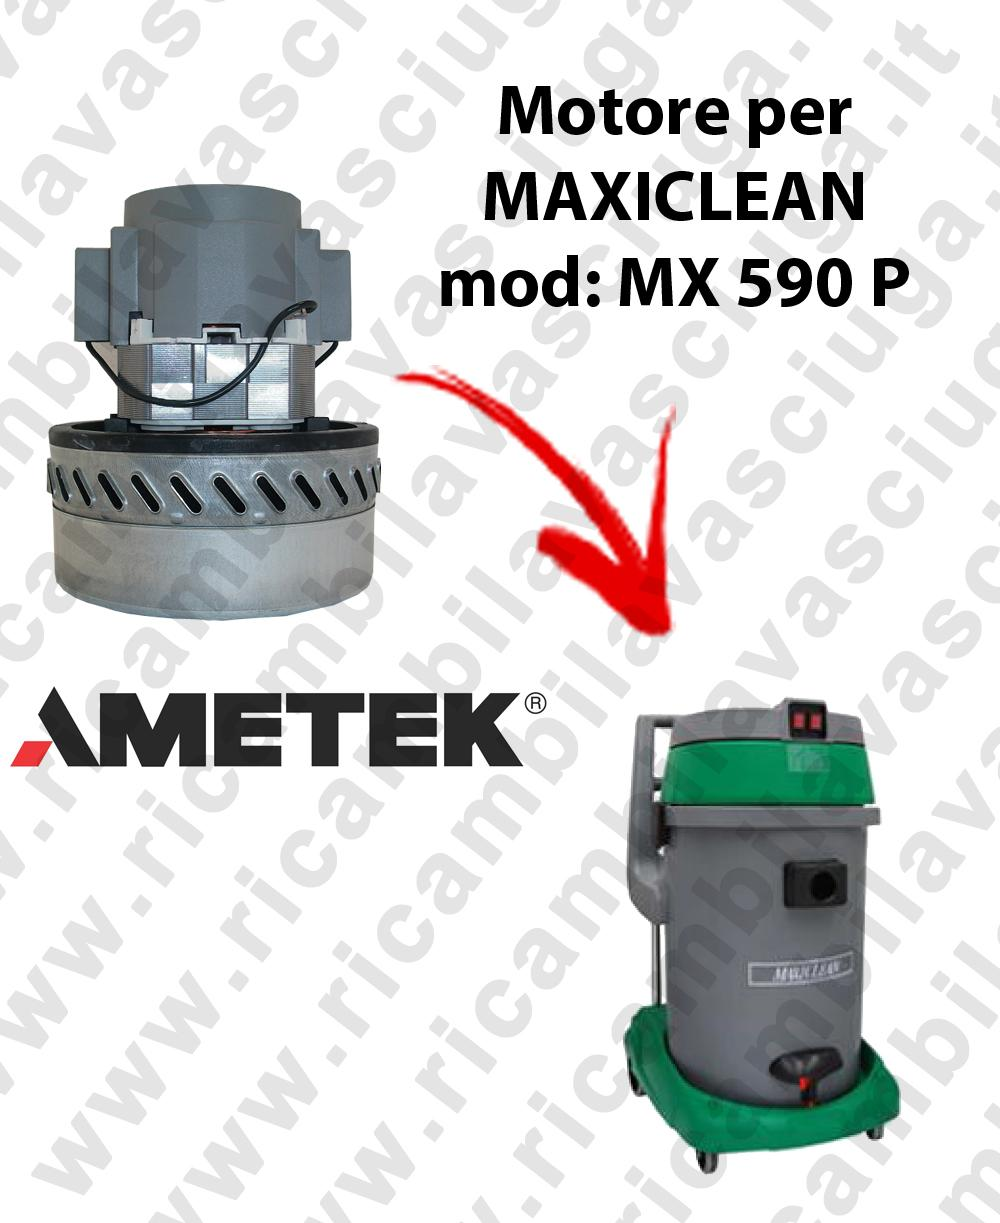 MX 590 P MOTORE AMETEK di aspirazione per aspirapolvere e aspiraliquidi MAXICLEAN